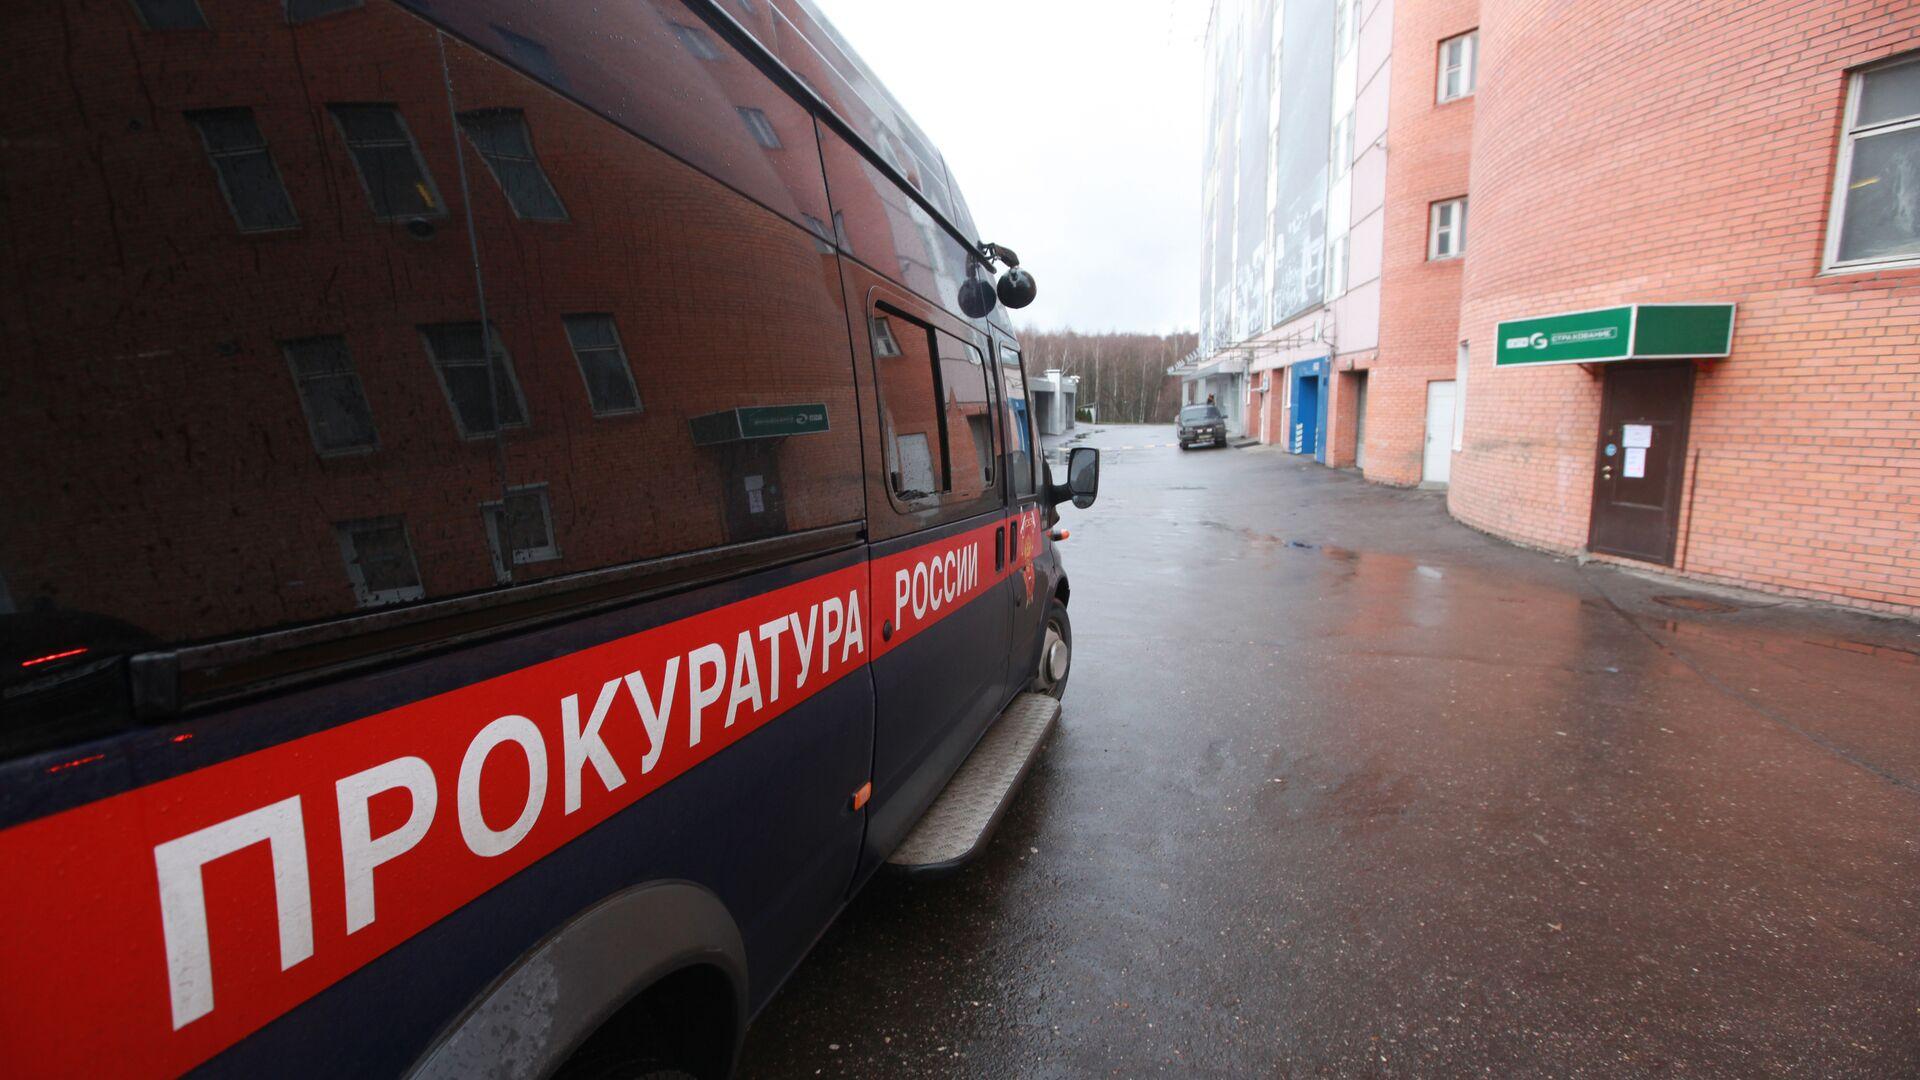 Прокуратура проверит органы соцзащиты после гибели девочки на Урале